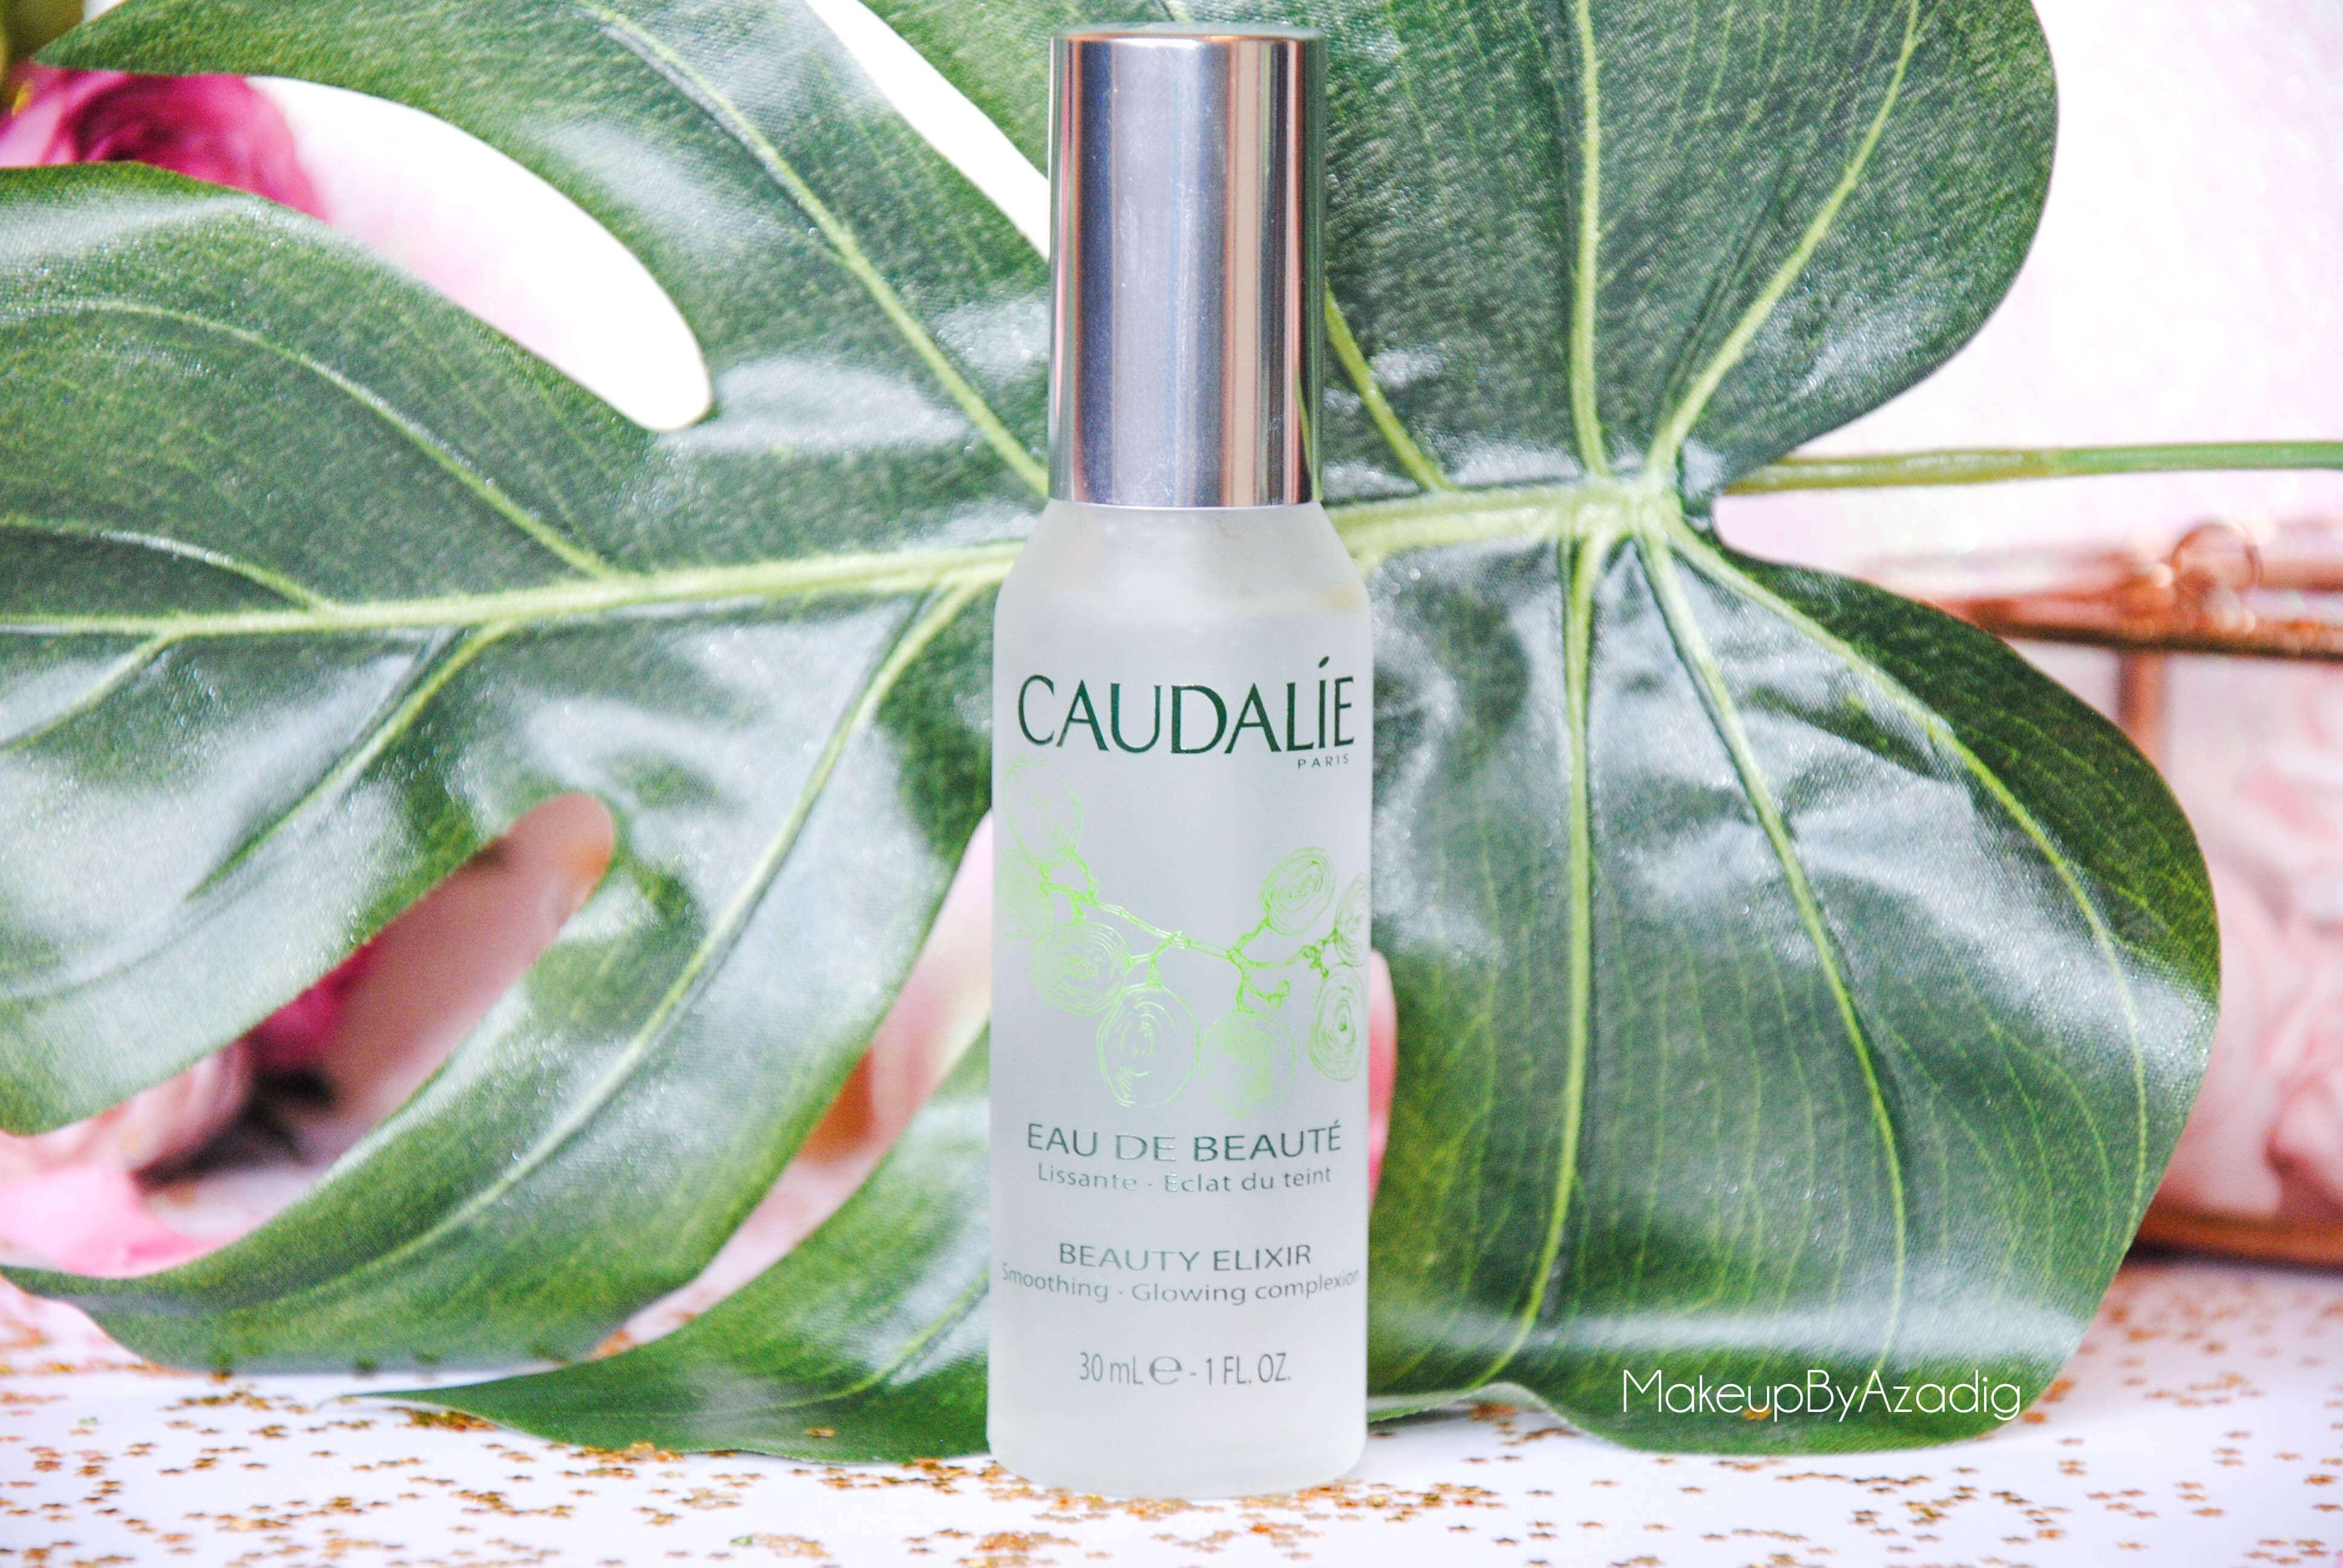 eau de beaute - caudalie - sanoflore - eau florale - produits de parapharmacie - makeupbyazadig - blog troyes - feuille